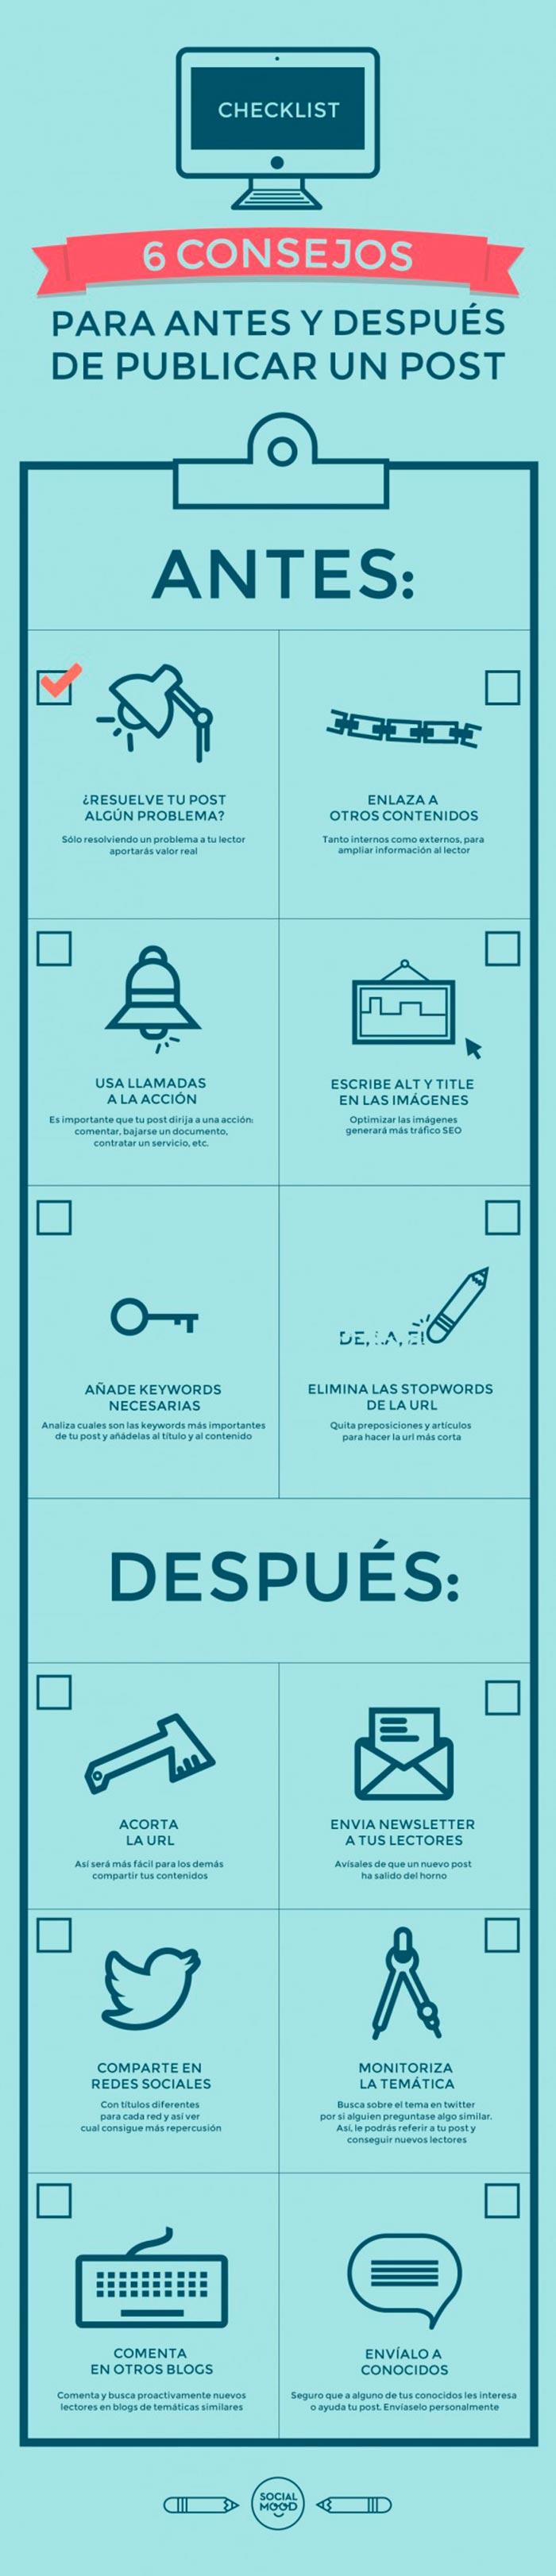 Infografia sobre los consejos para antes y despues de publicar un post